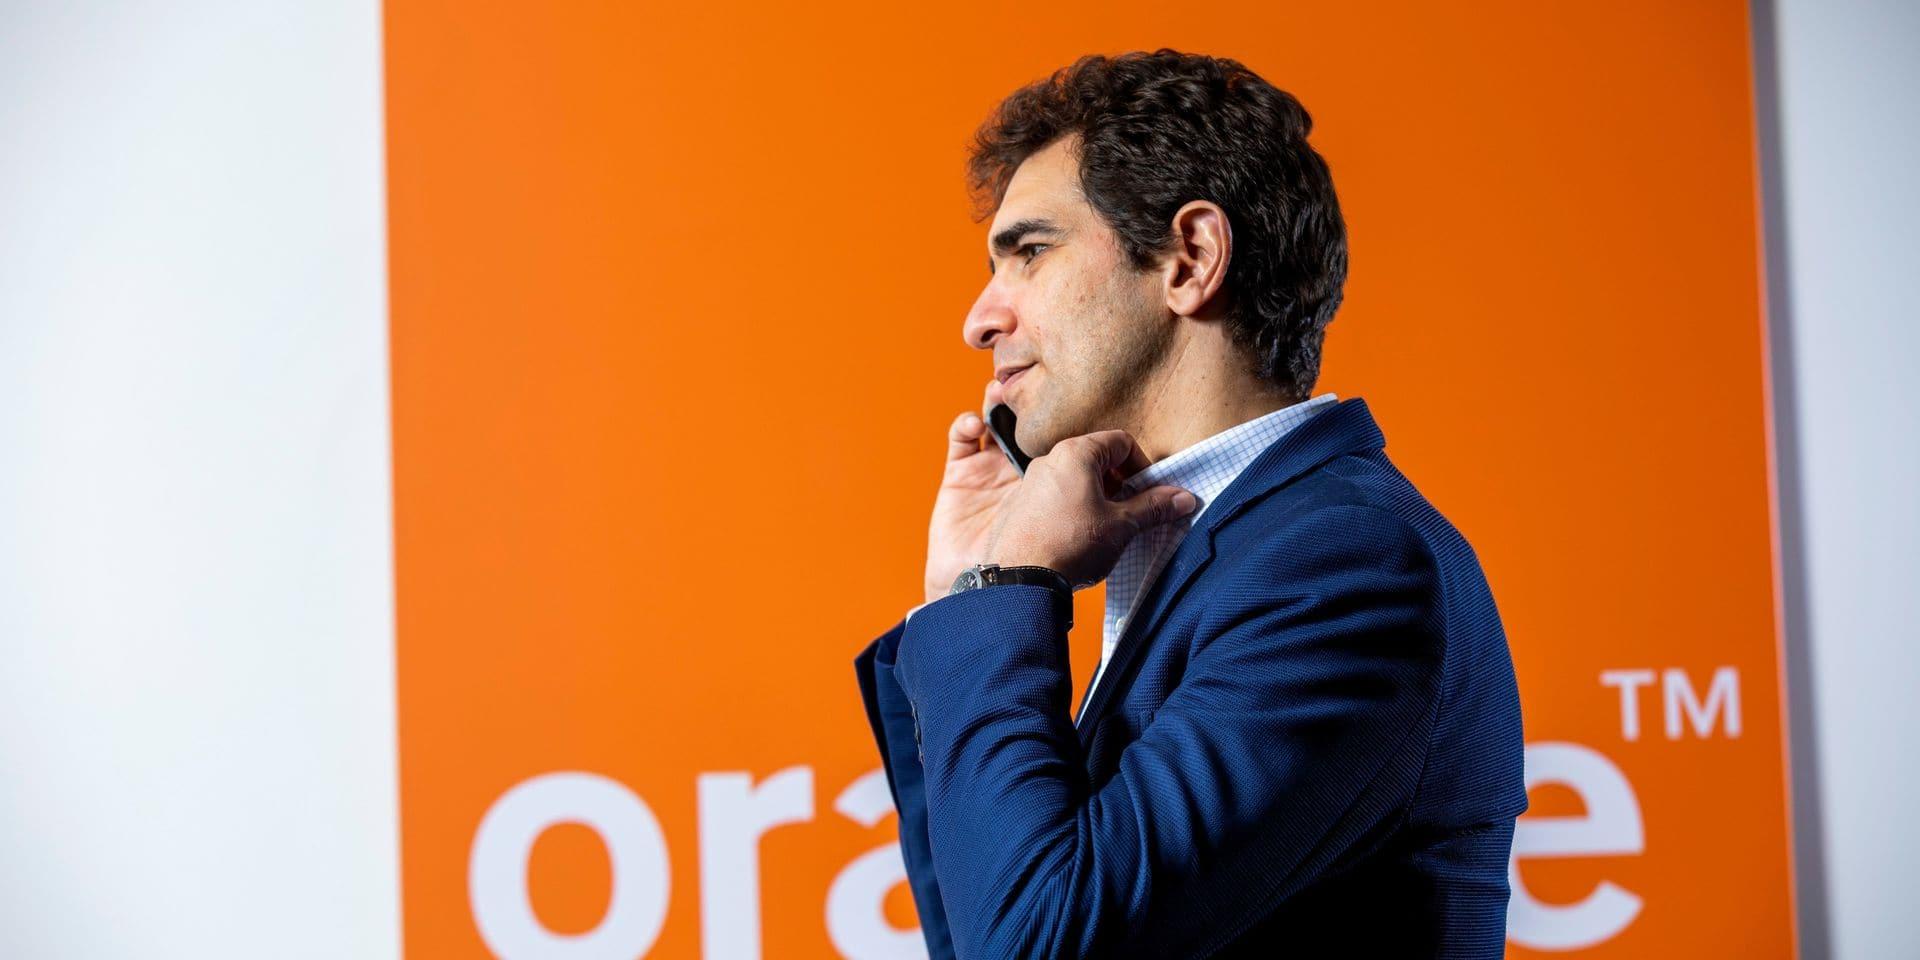 """Michaël Trabbia (Orange) revient sur les enjeux brûlants du moment: """"La 5G est une nécessité d'un point de vue environnemental"""""""